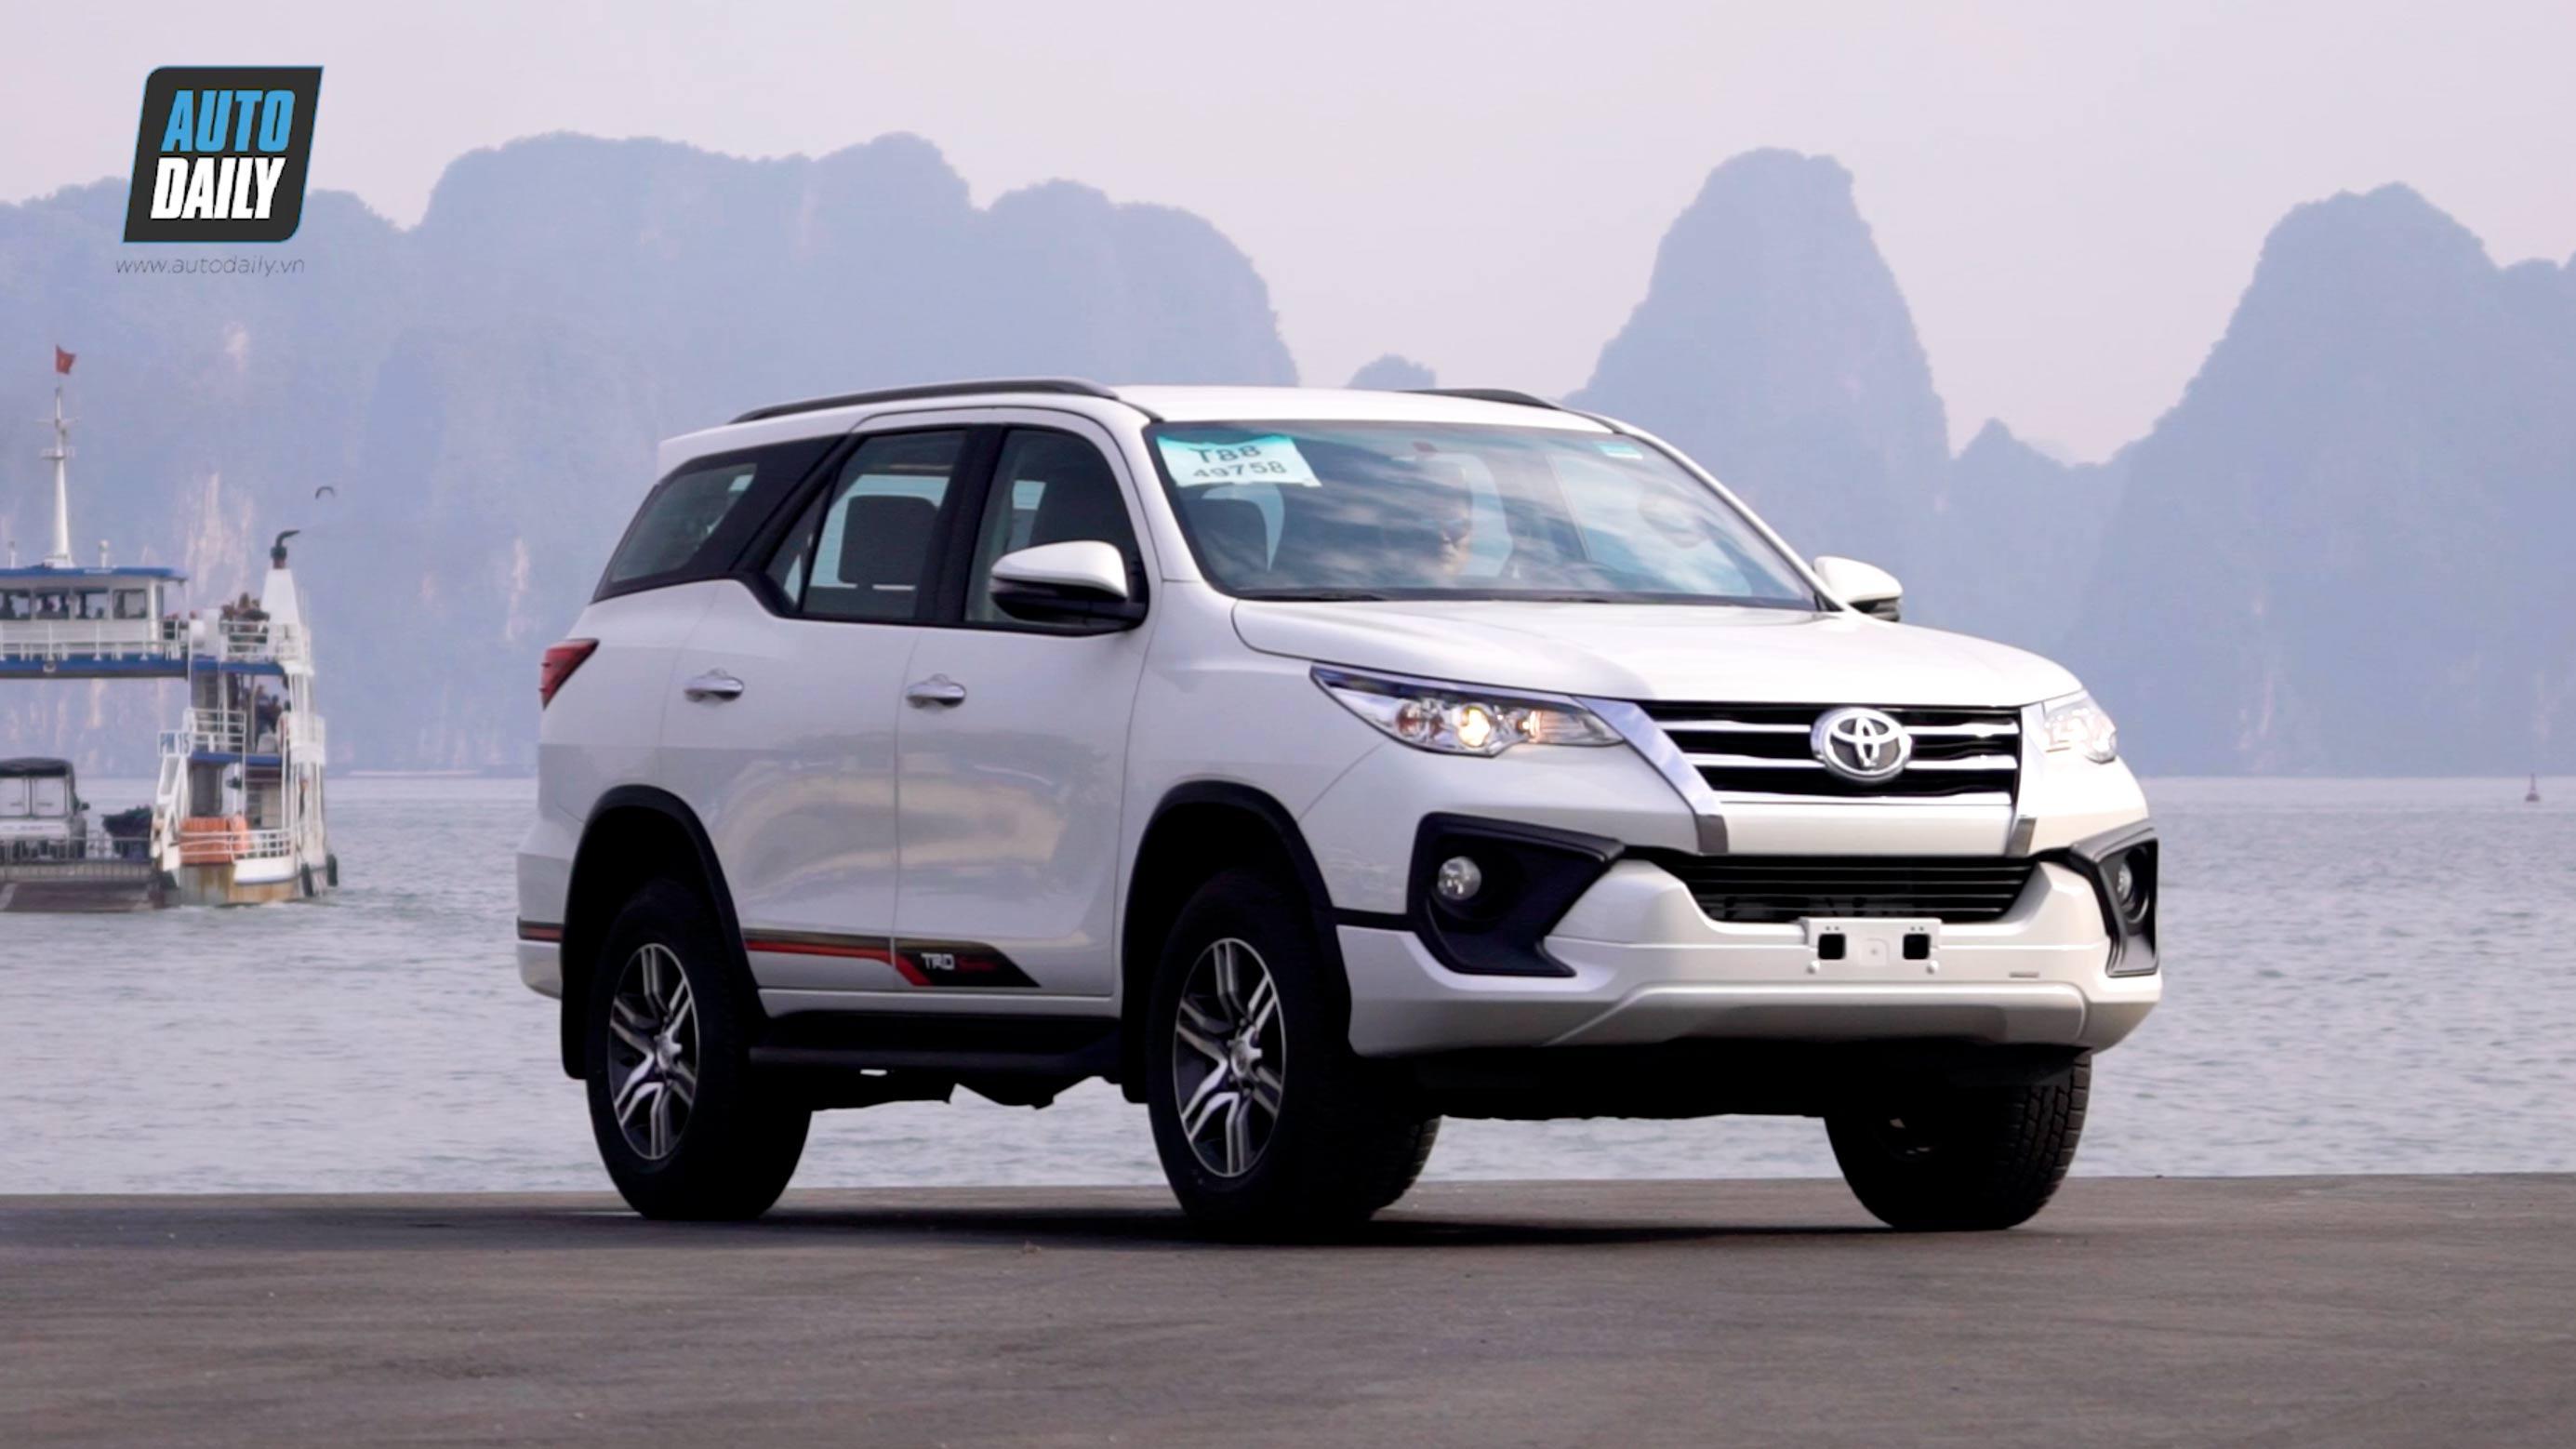 Đánh giá Toyota Fortuner TRD lắp ráp trong nước: Thêm CHẤT, thêm HẤP DẪN